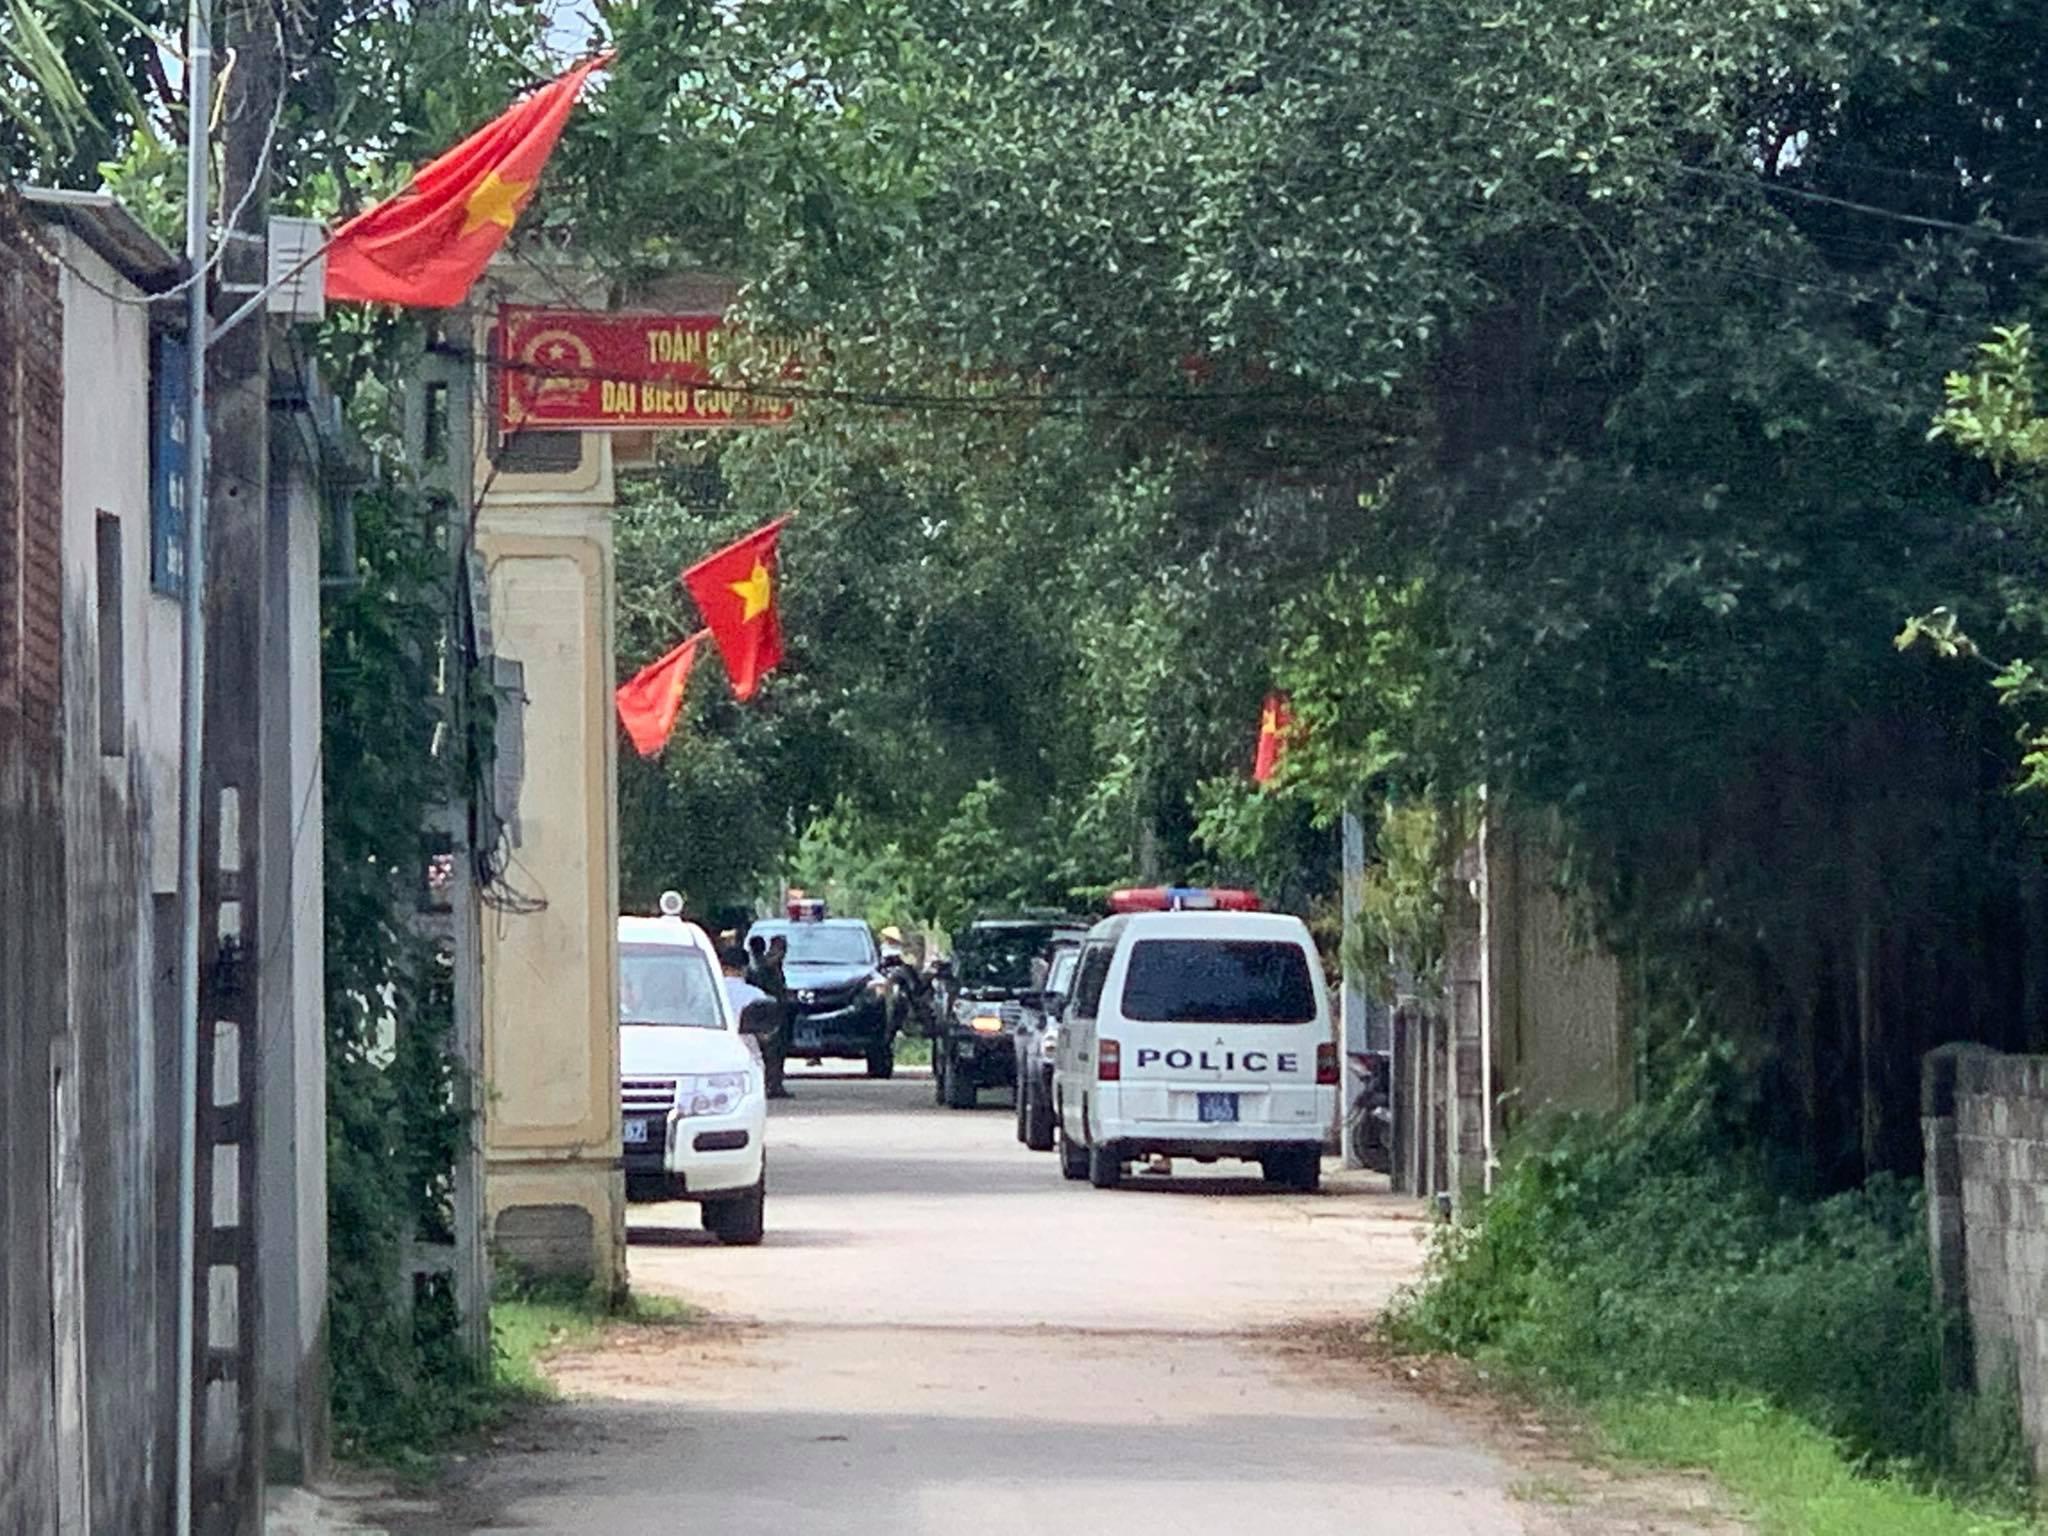 Vụ bắn người ở TP Vinh: Đại tá Công an kể thời khắc nghi phạm đầu hàng, giao nộp súng ảnh 1